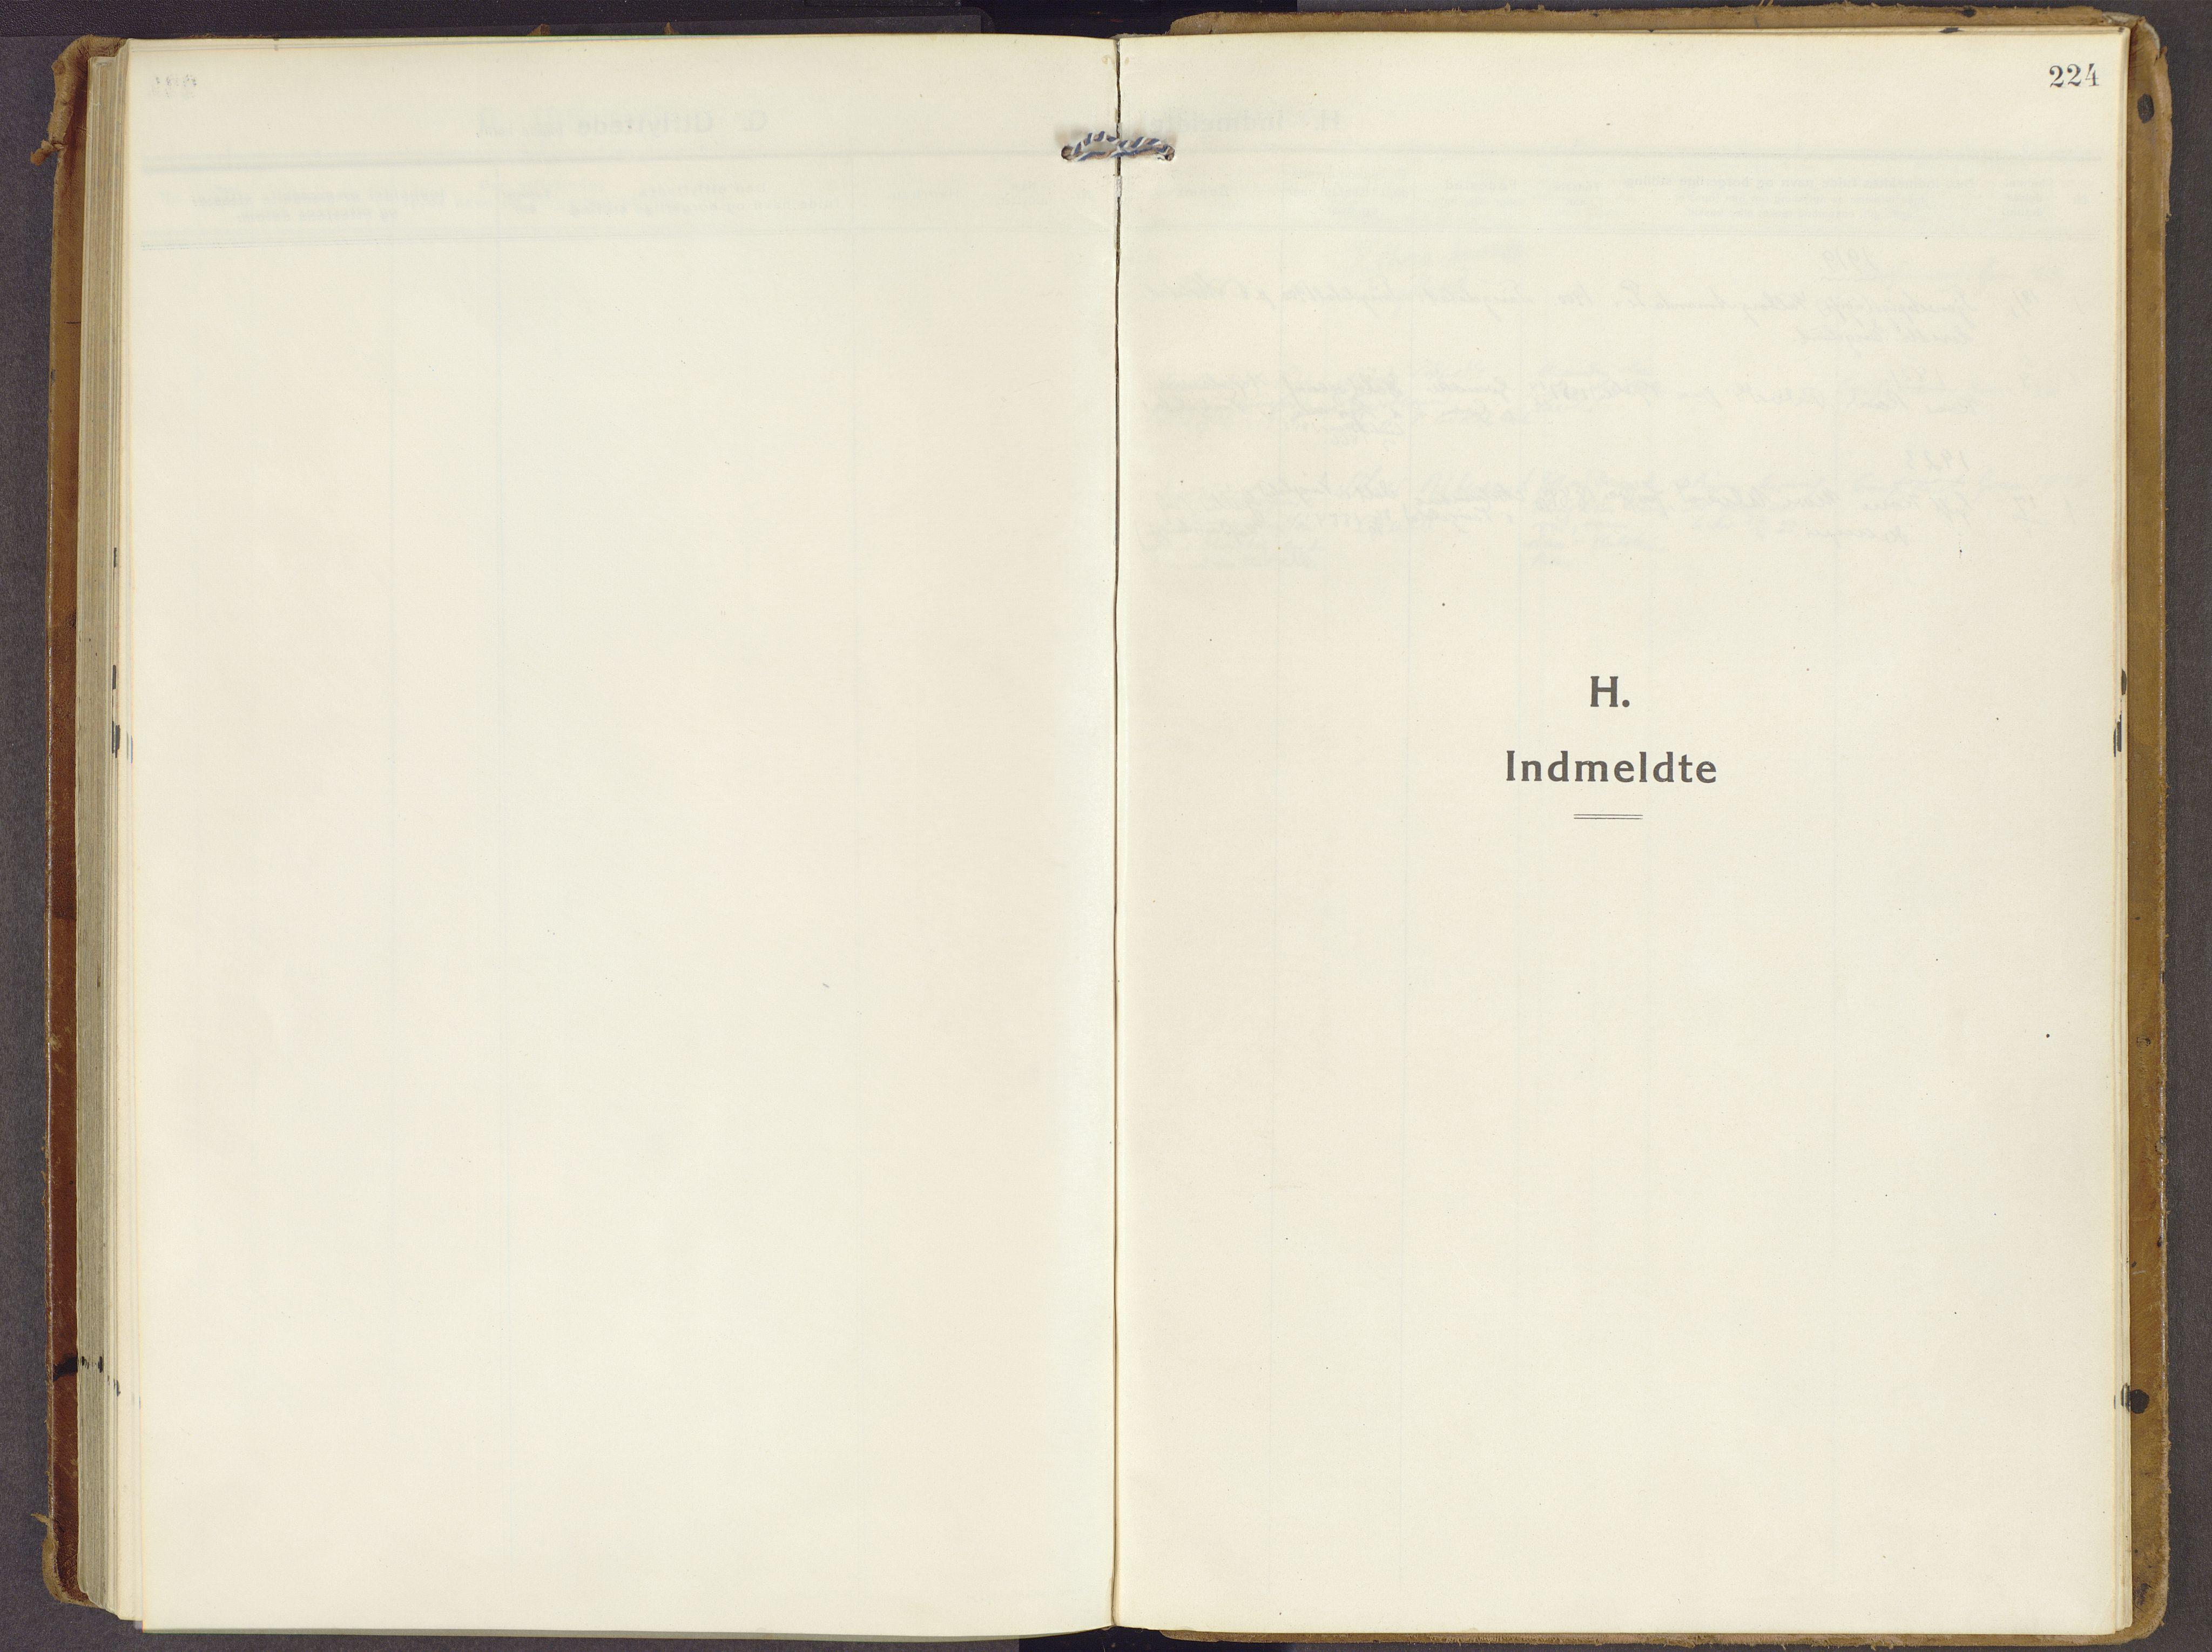 SAH, Brandbu prestekontor, Ministerialbok nr. 3, 1914-1928, s. 224